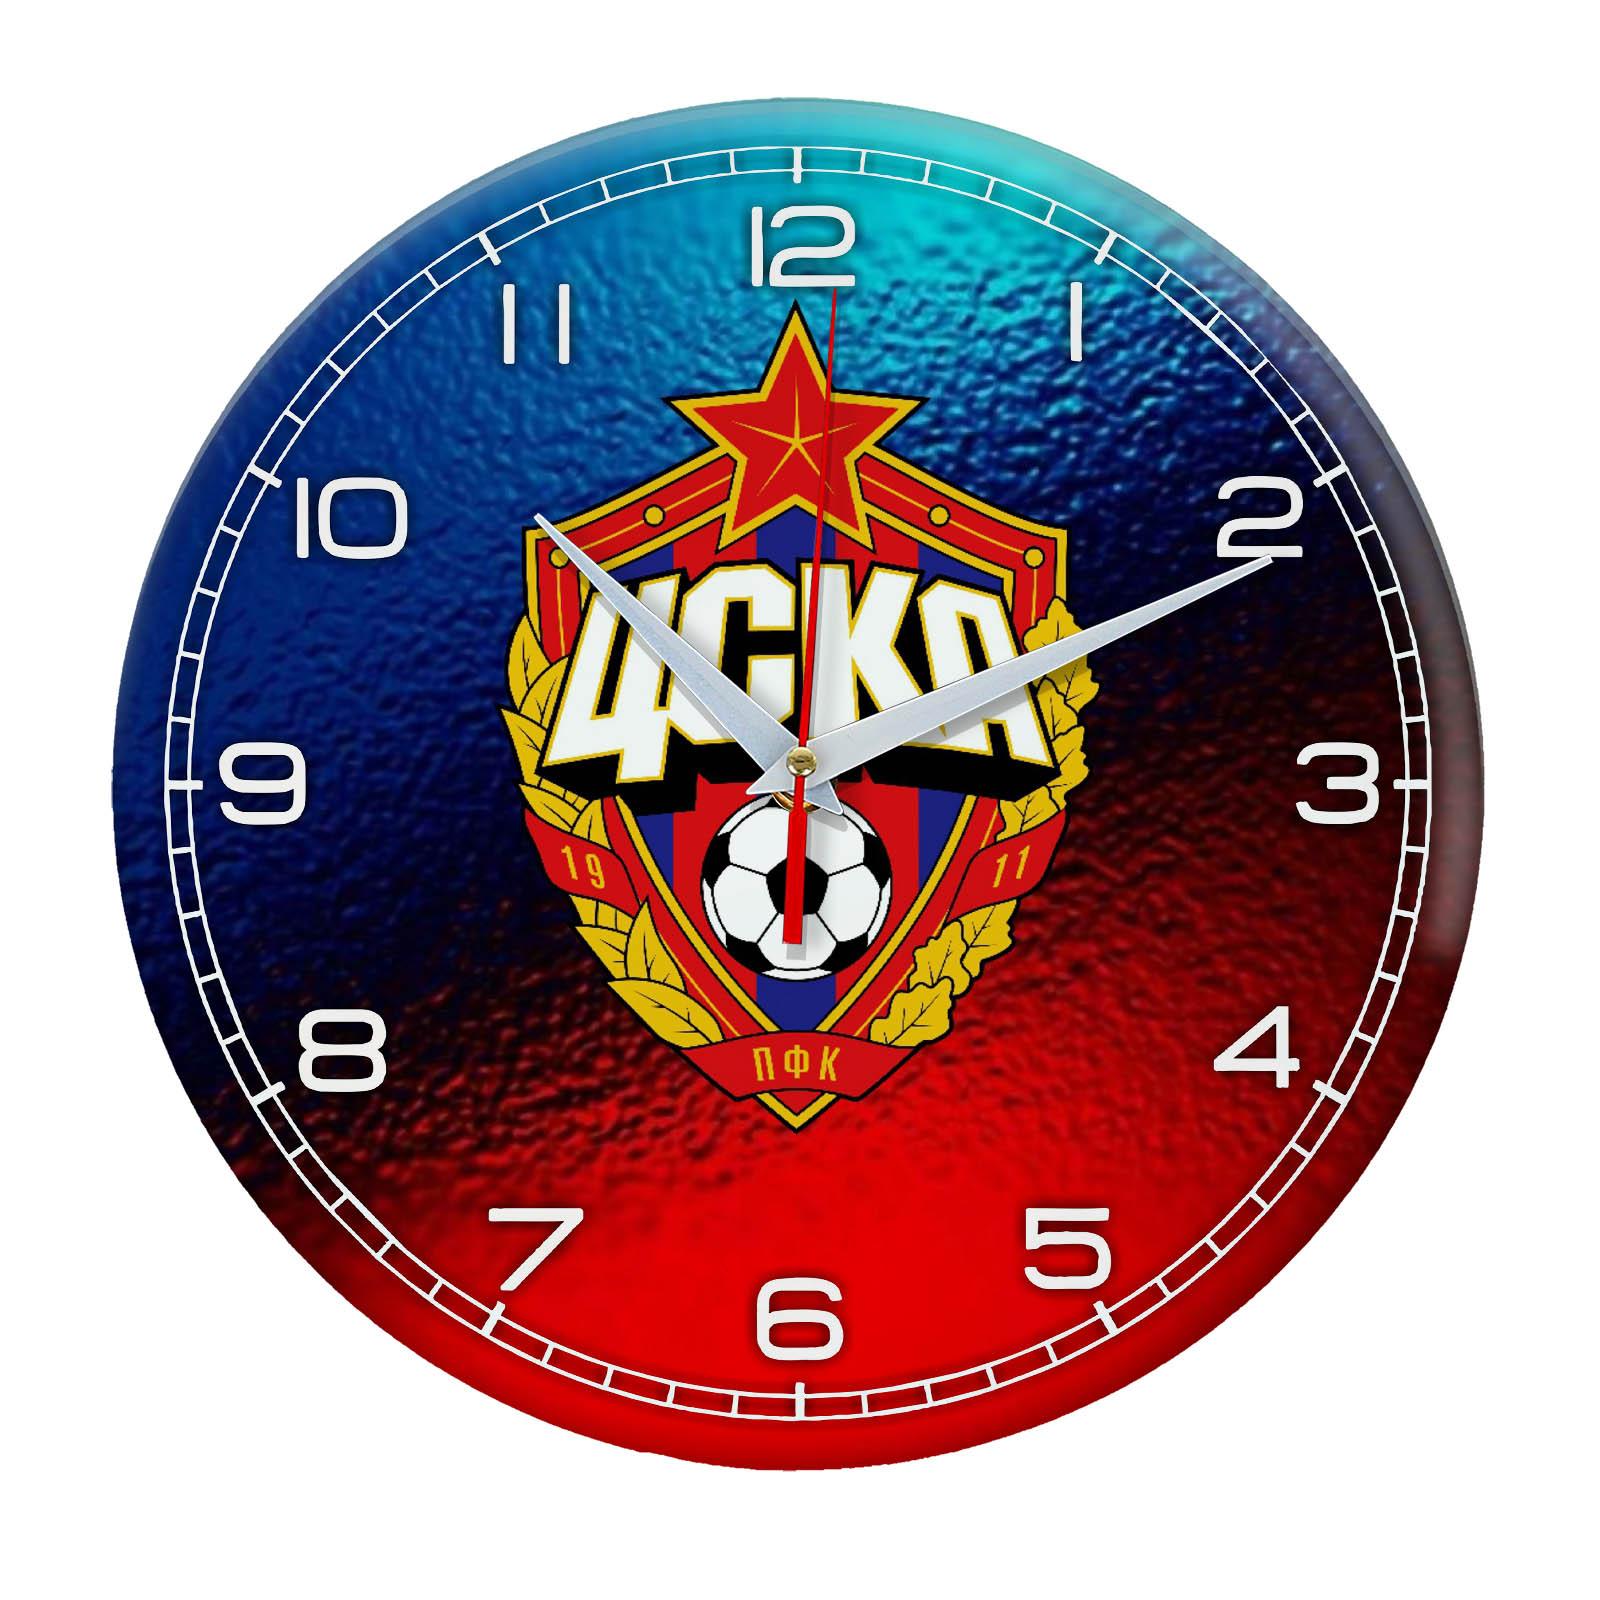 ЦСКА часы с логотипом футбольного клуба